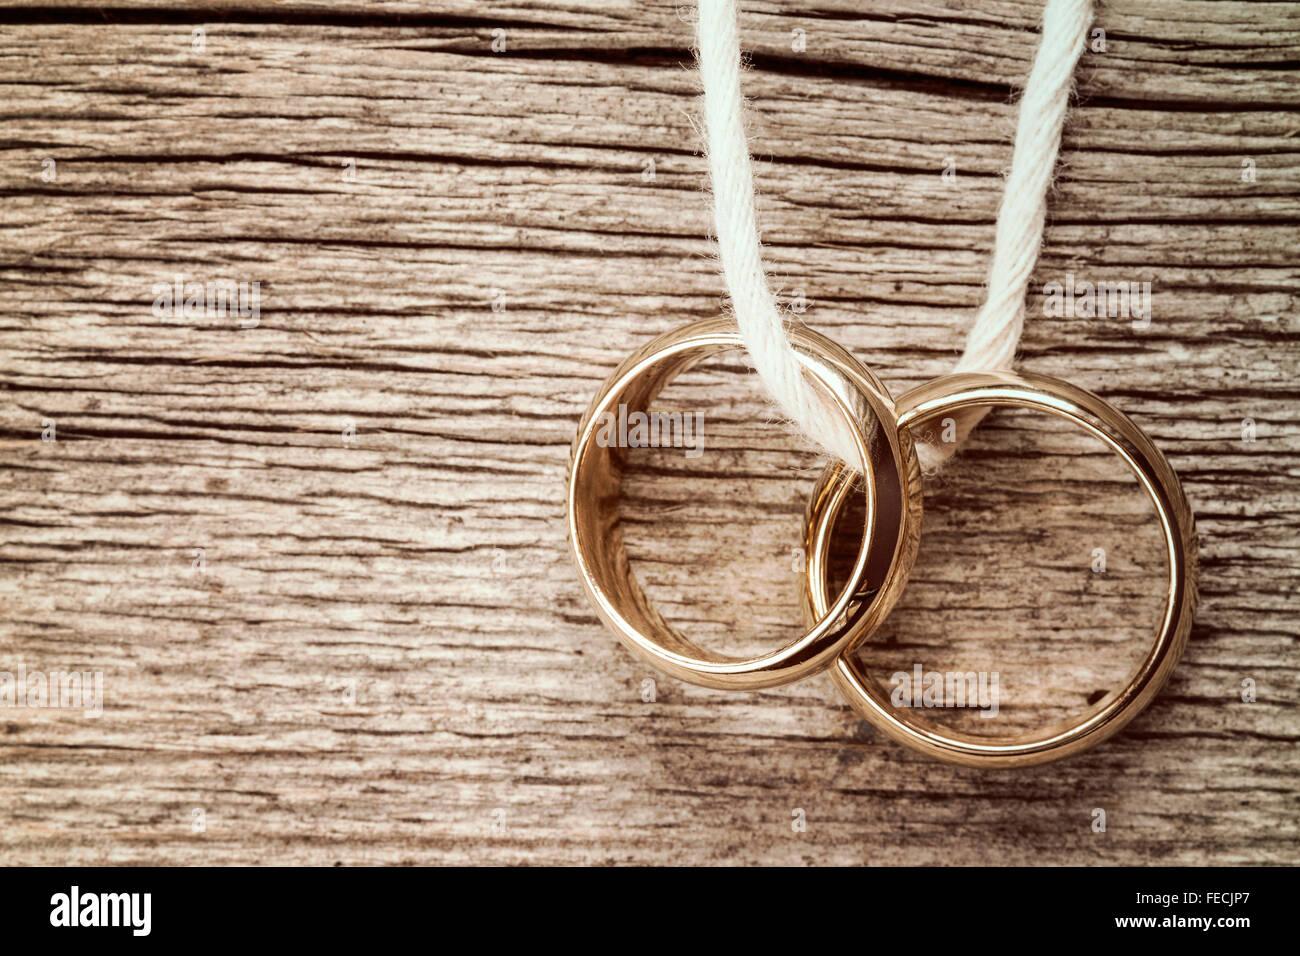 Hochzeit Ringe hngen am Seil ber hlzerne Hintergrund